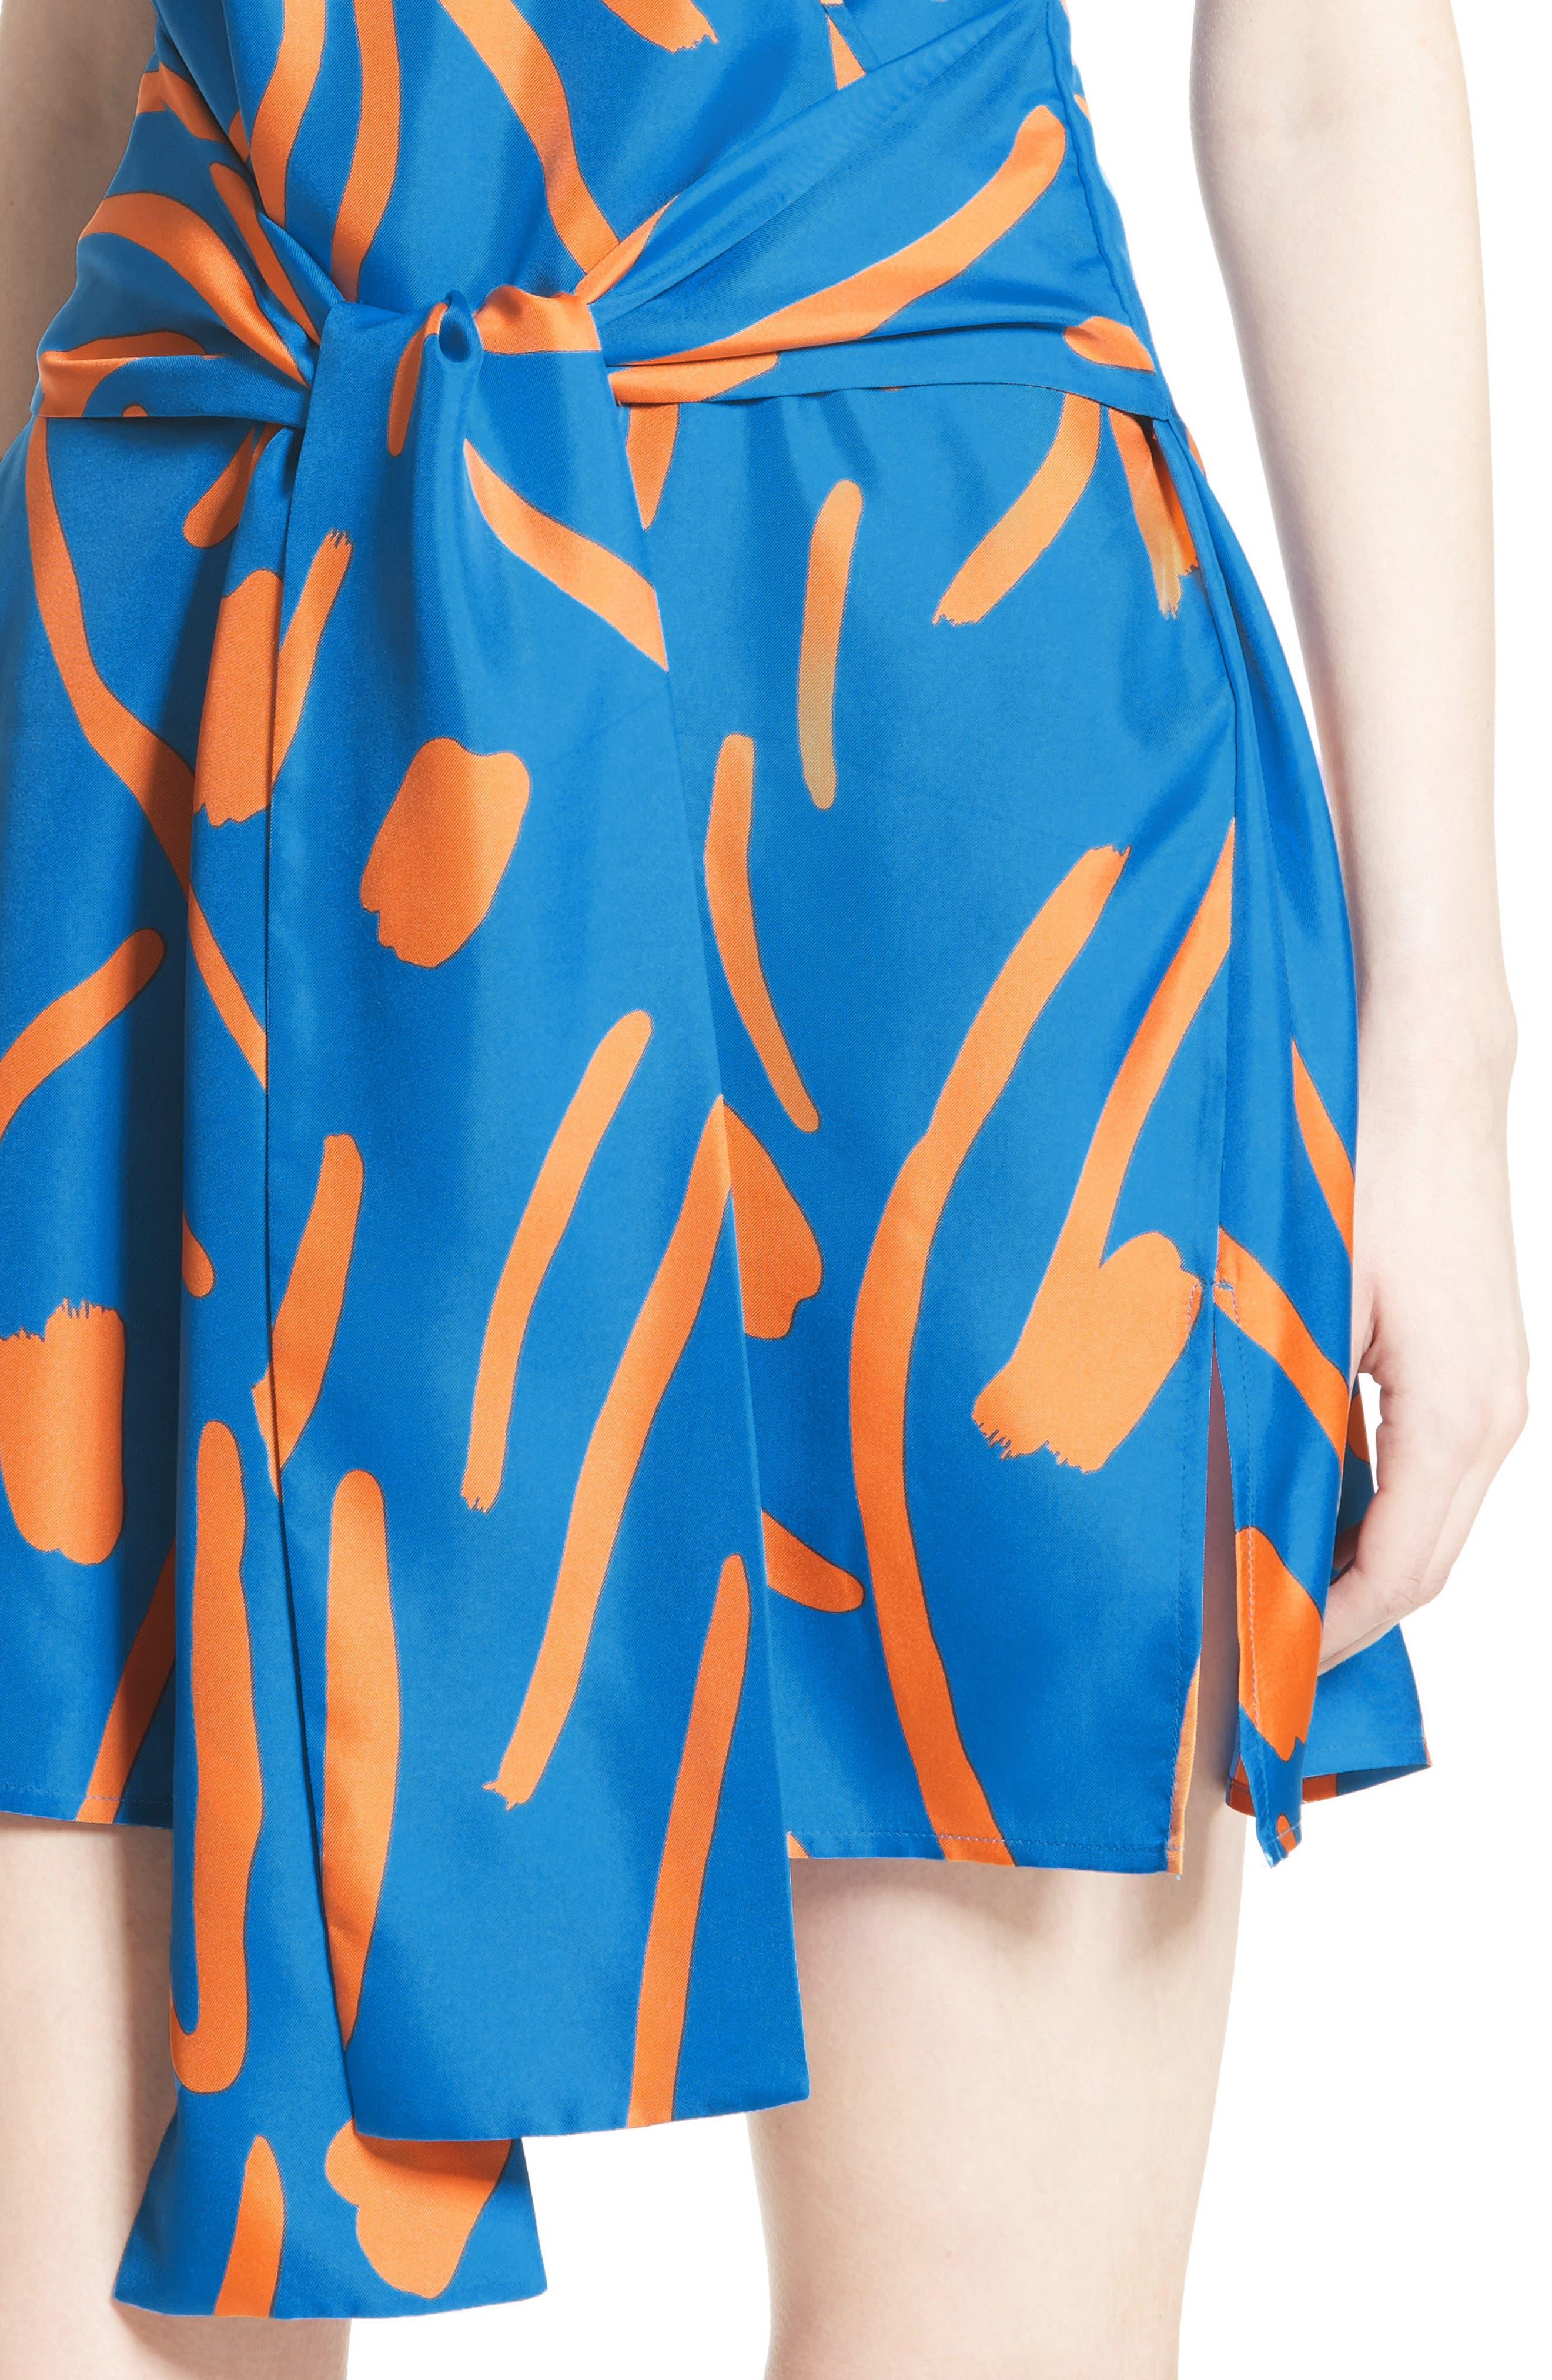 DIANE VON FURSTENBERG, Tie Front Faux Wrap Silk Dress, Alternate thumbnail 4, color, 494